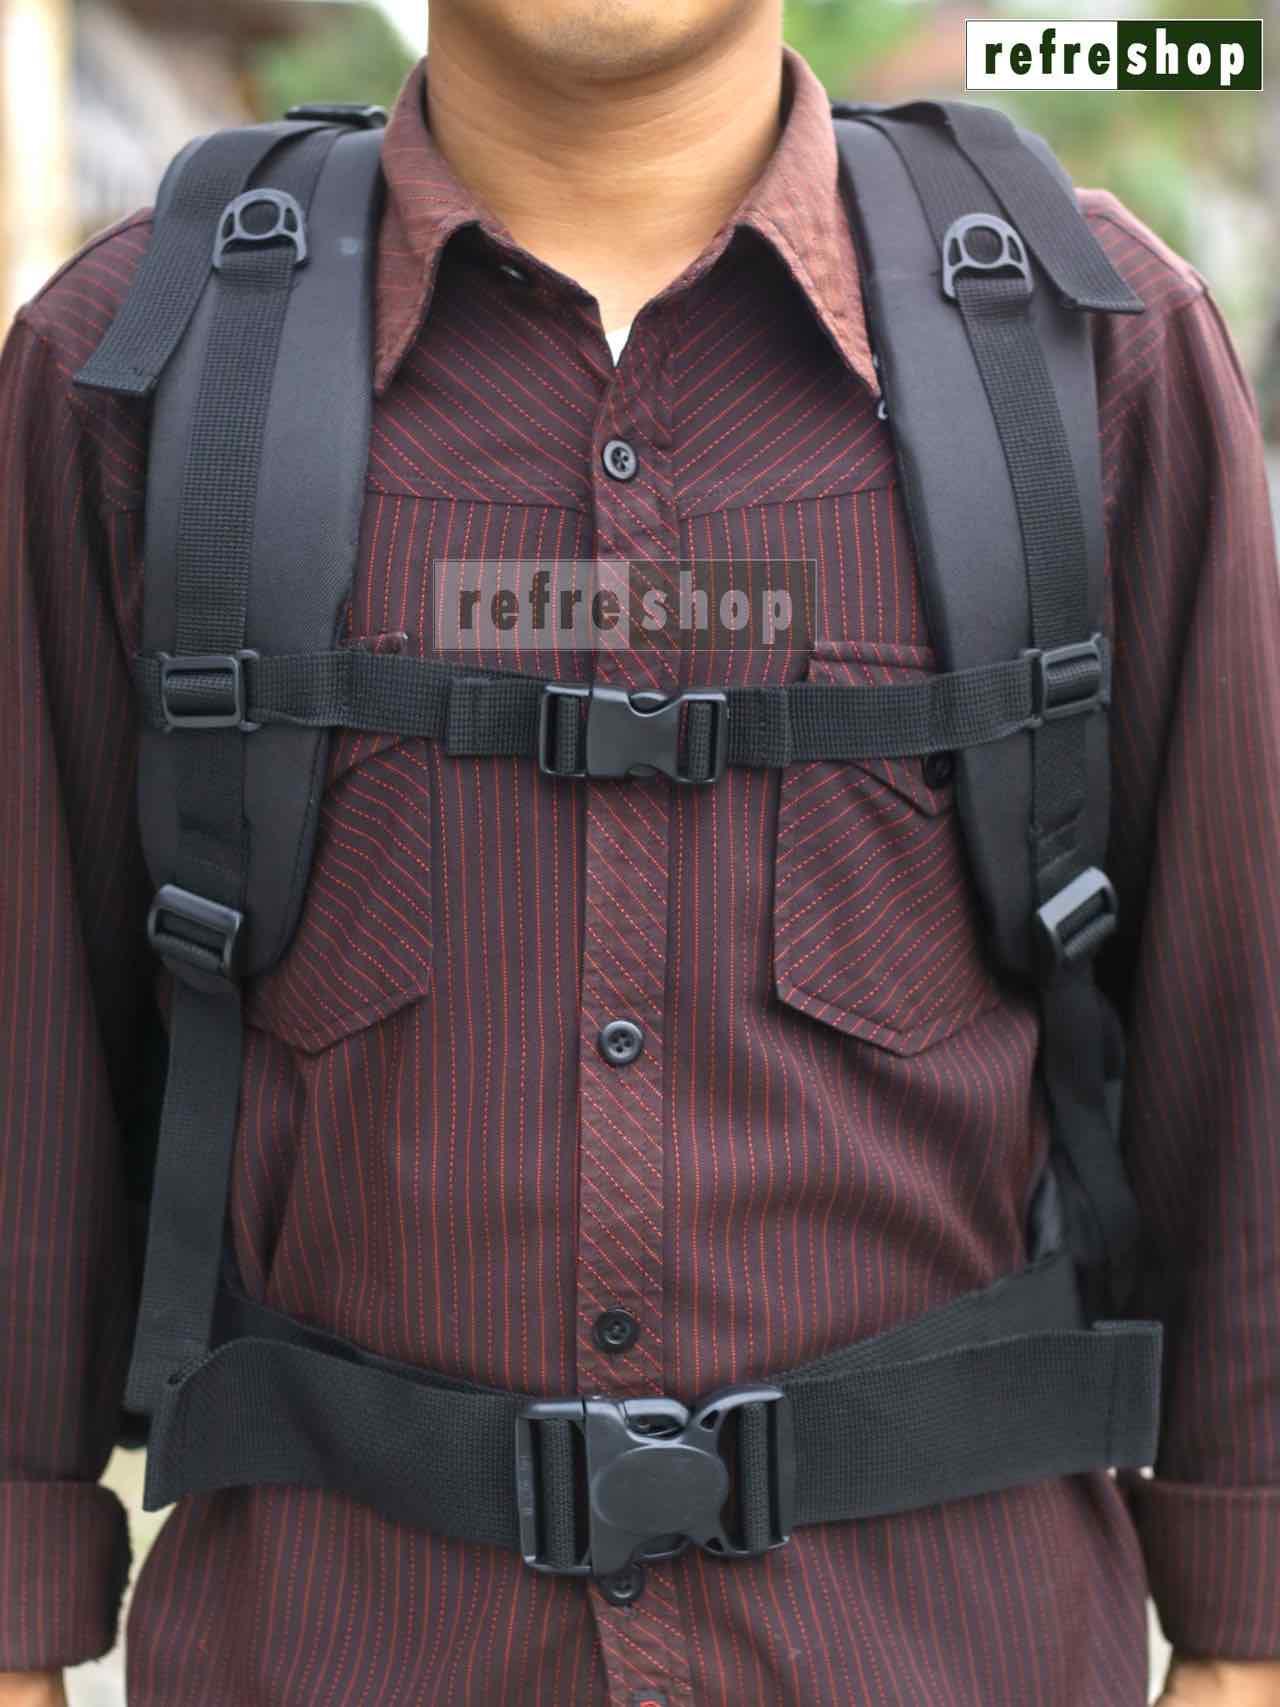 Cek Harga Baru Tas Tactical Ransel Army Punggung Laptop Militer Tni Polisi Px375 Px143 Awet Berkualitas